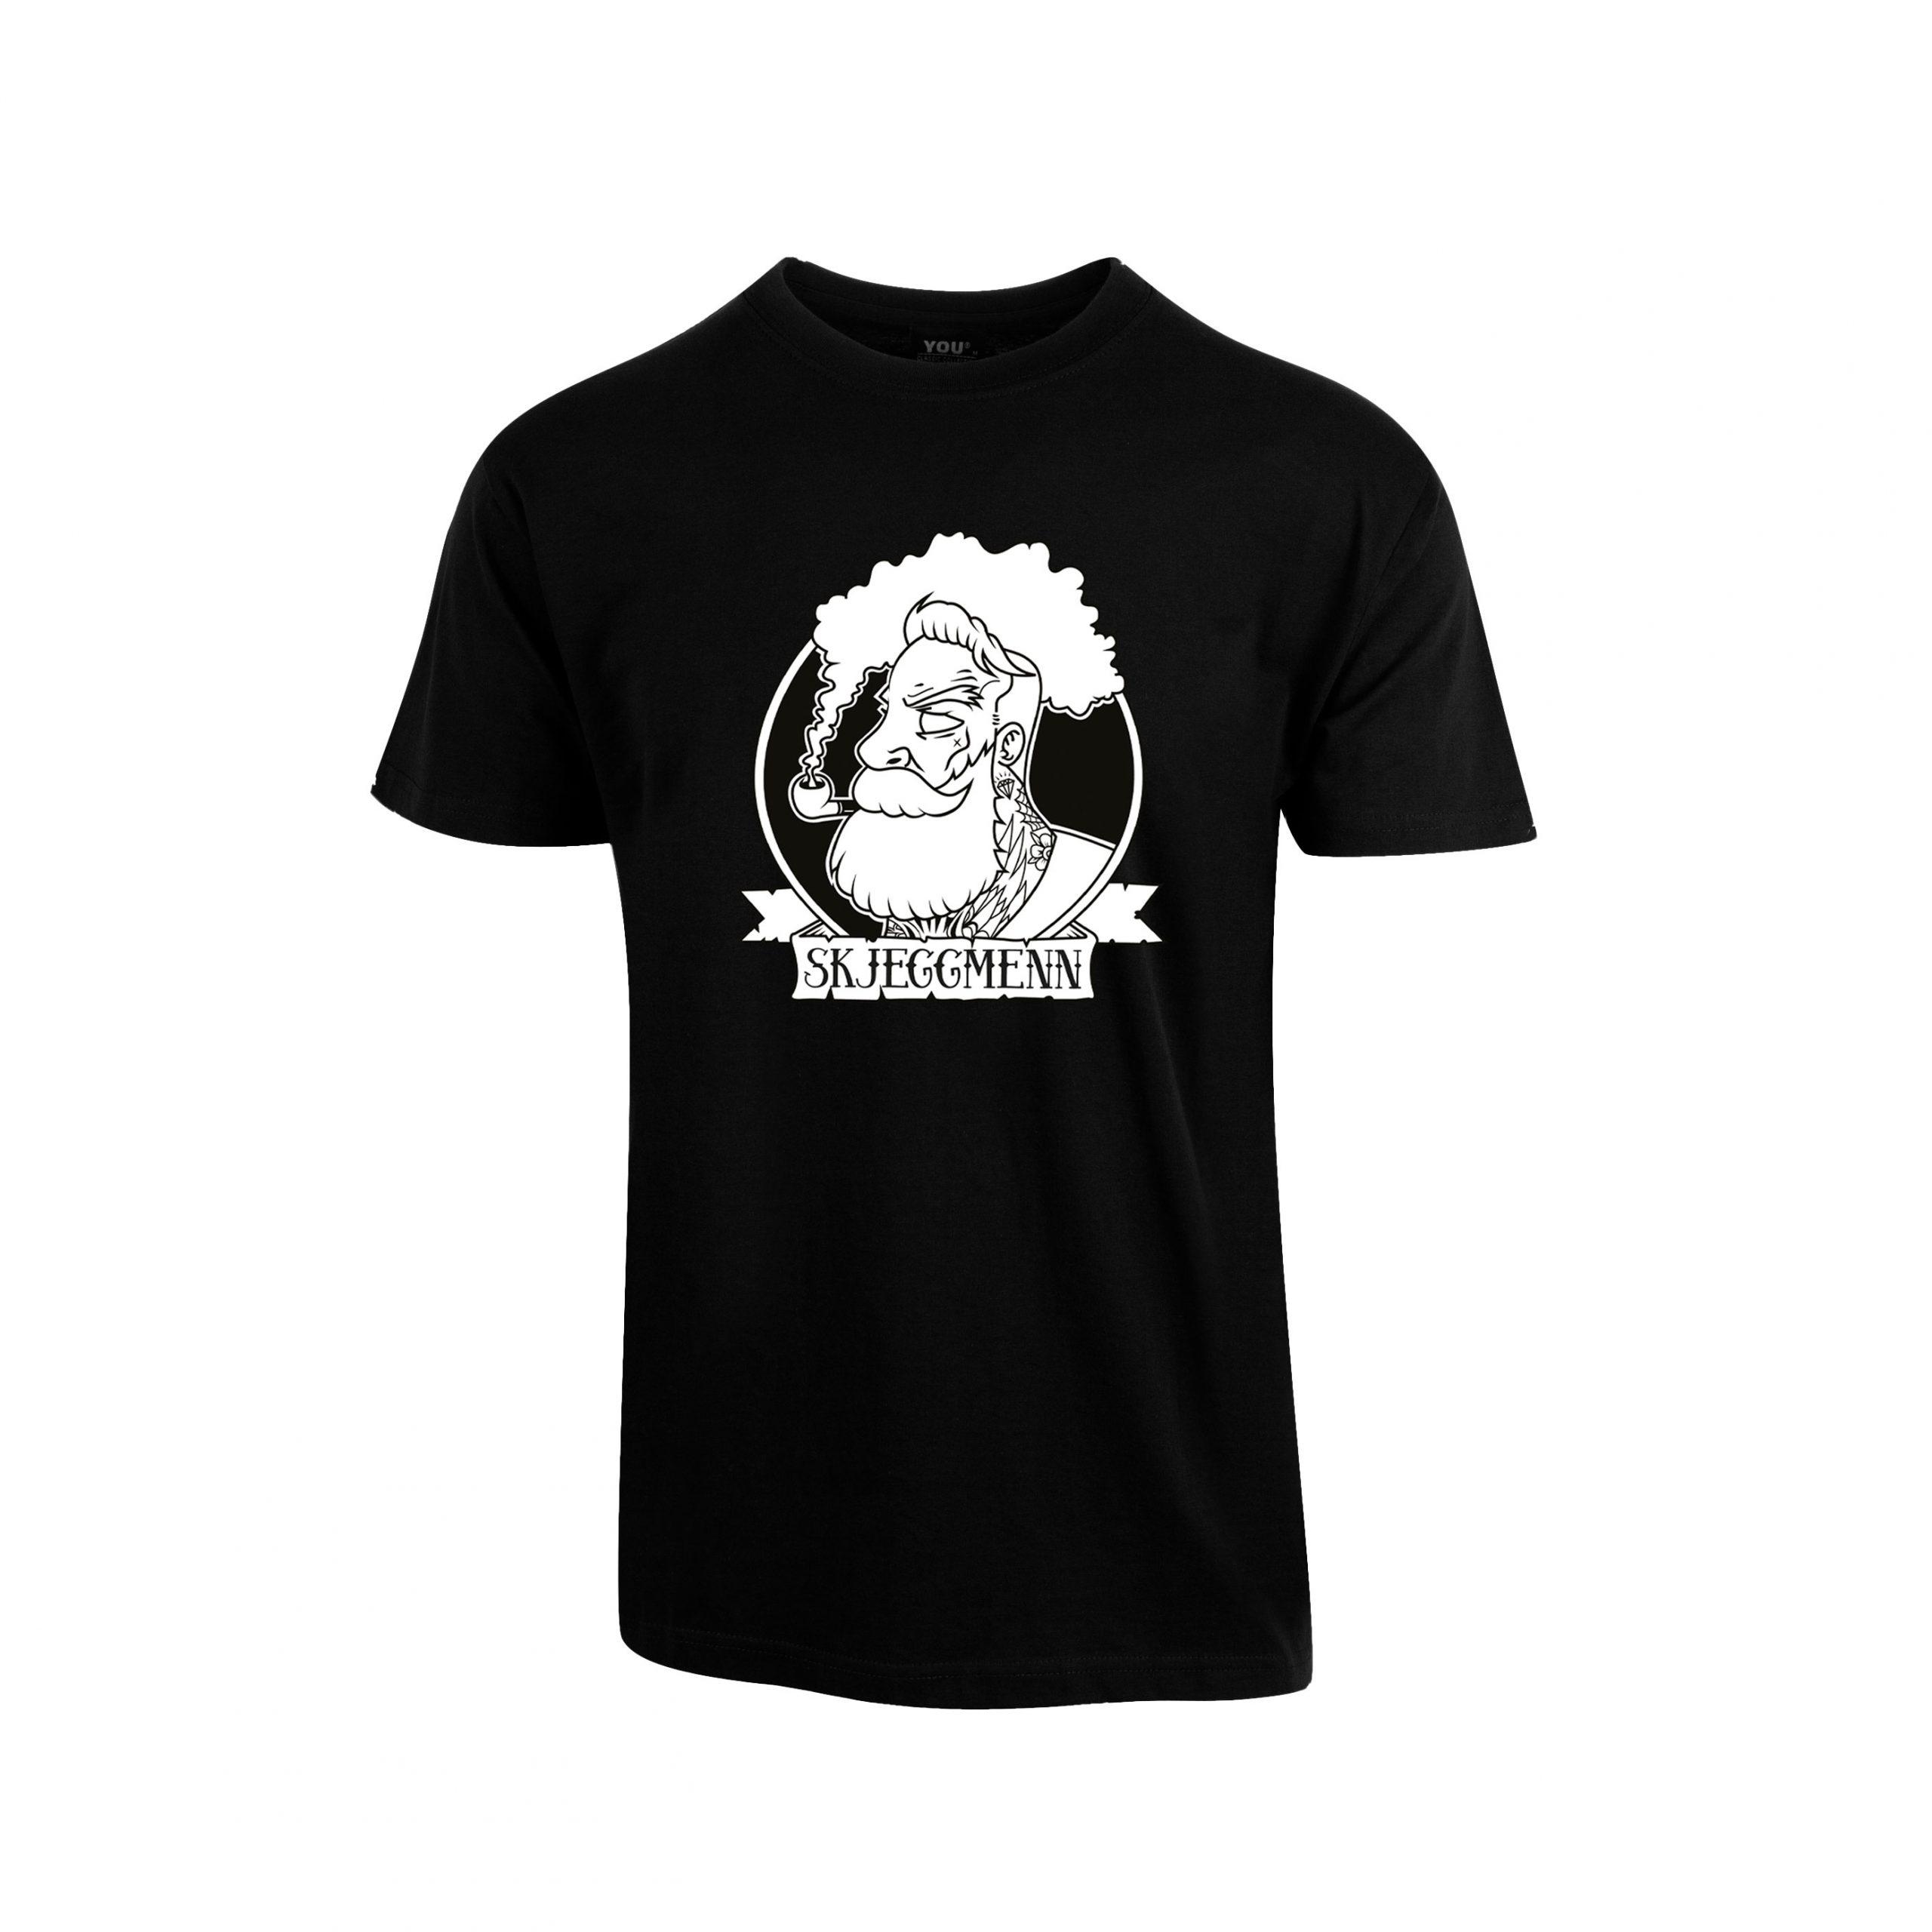 Svart t-skjorte med stor Skjeggmenn-logo